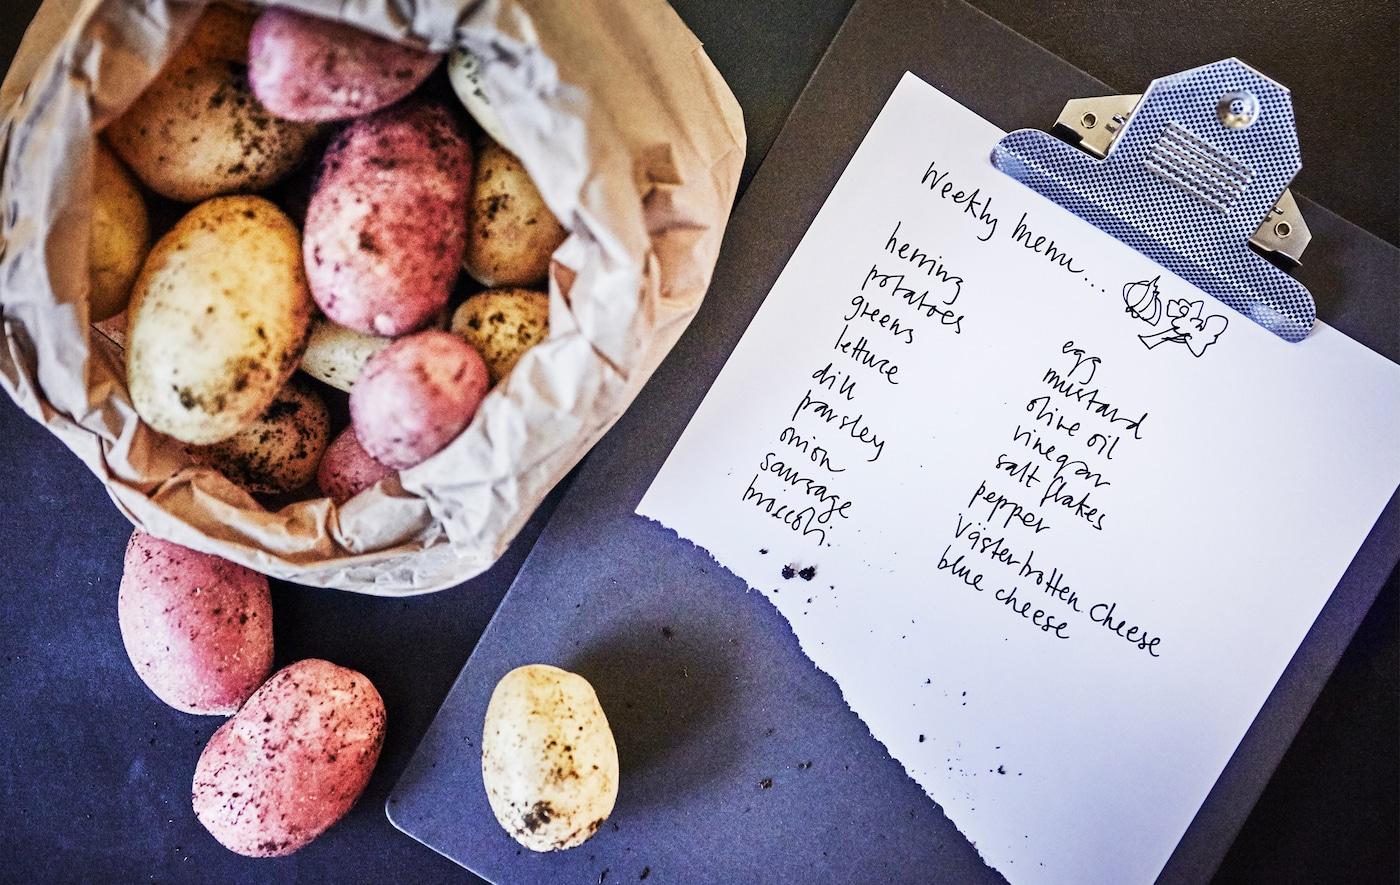 Gros plan d'un sac de pommes de terre et d'une liste de courses.